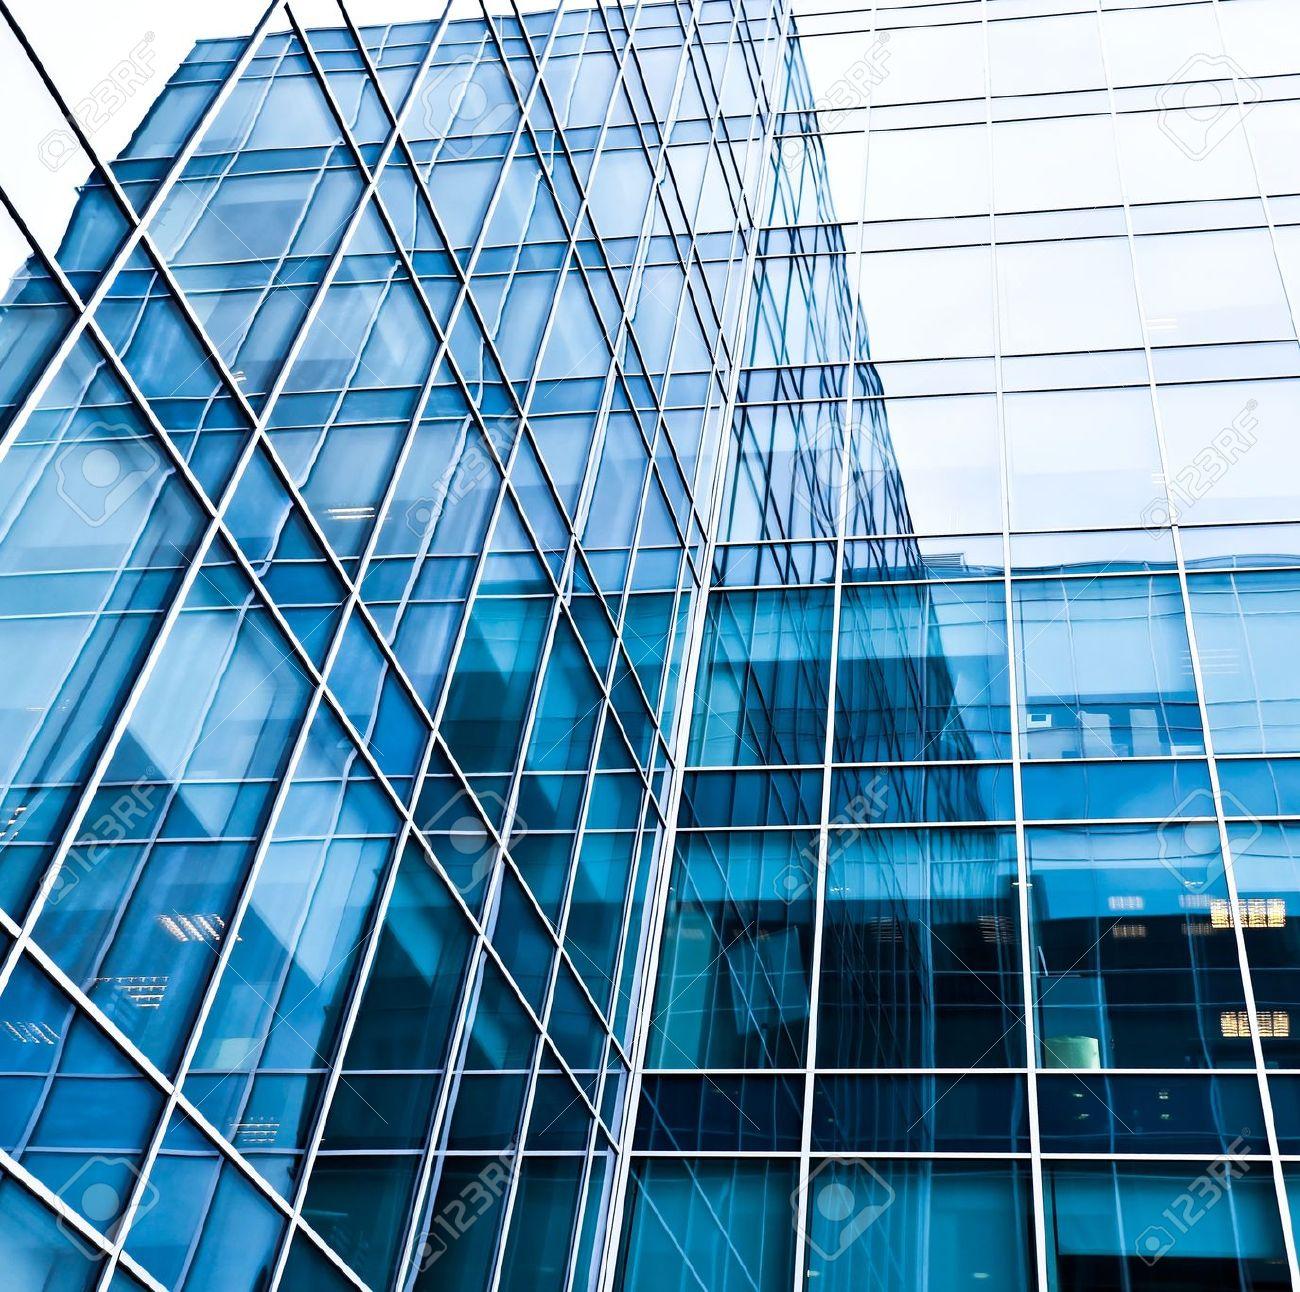 textura azul de la pared de vidrio moderno foto de archivo